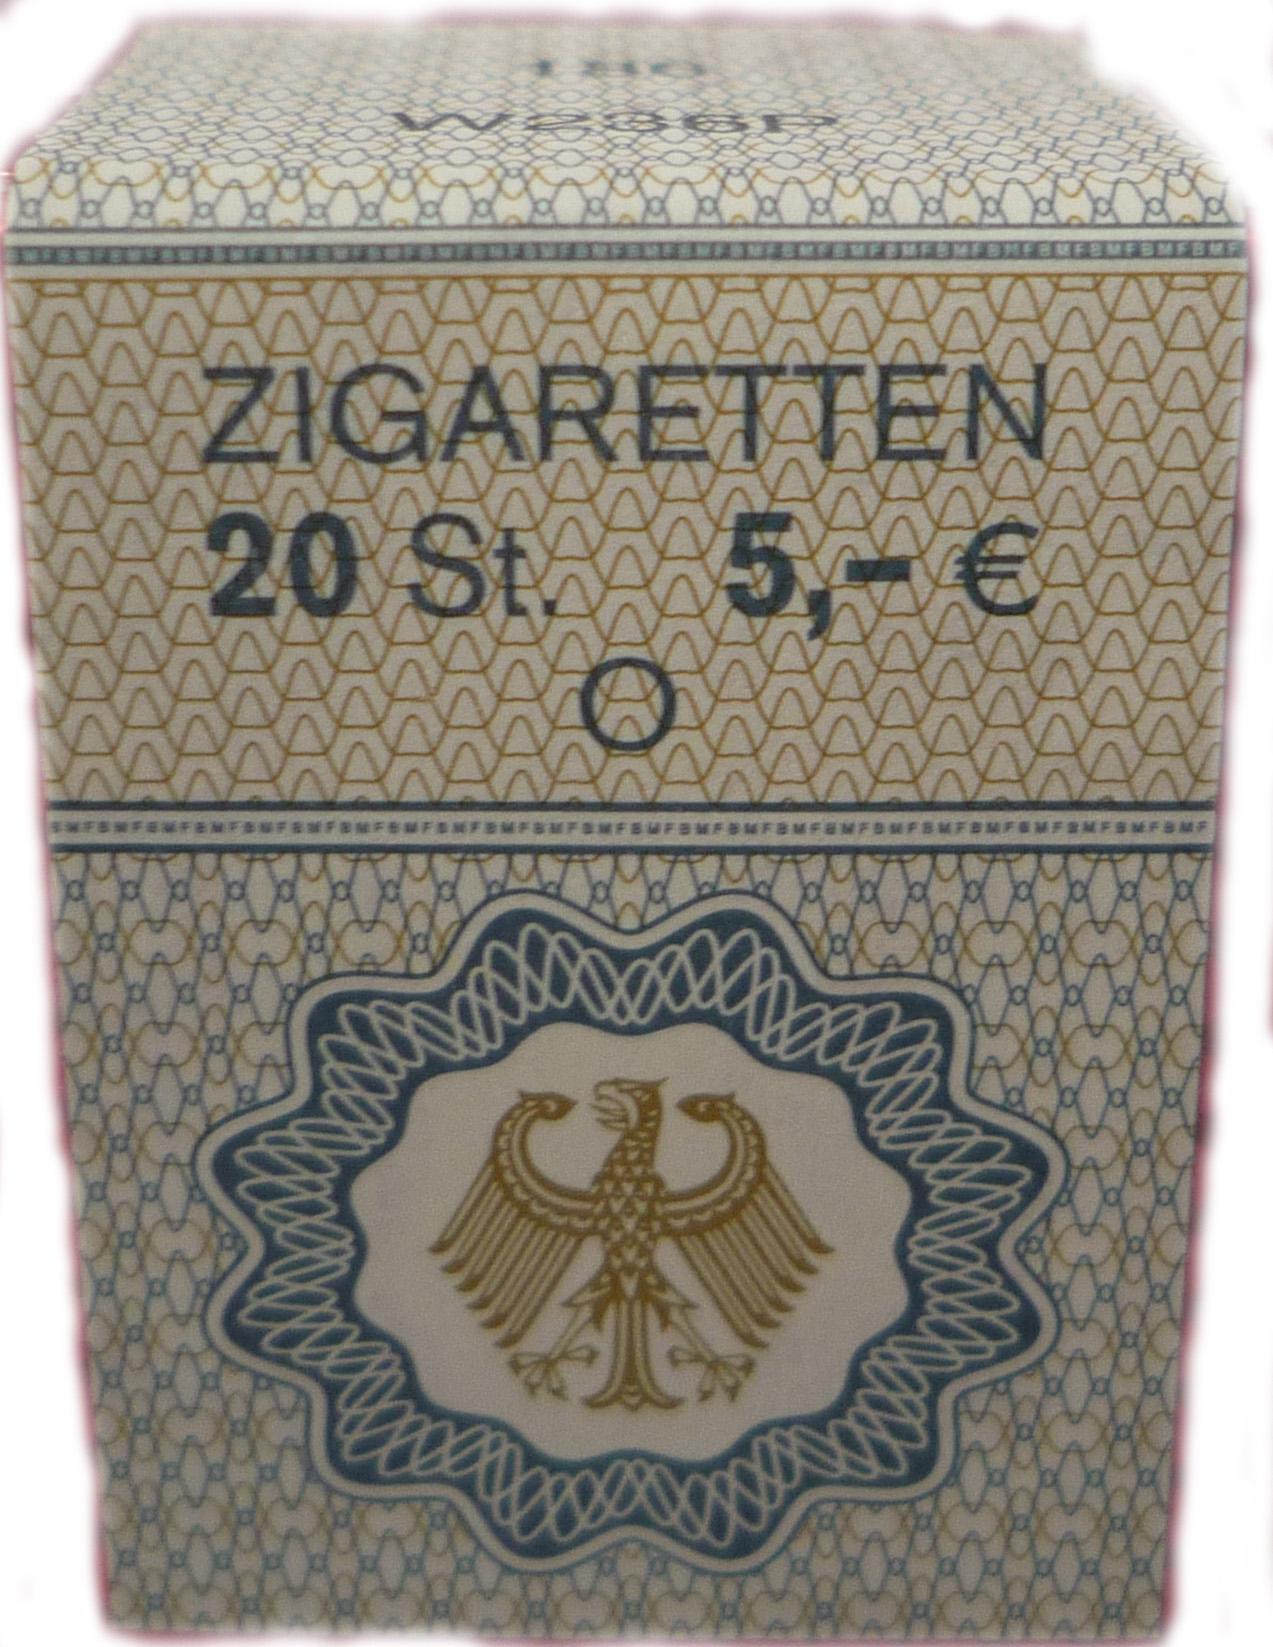 was kostet eine stange zigaretten in der tschechei